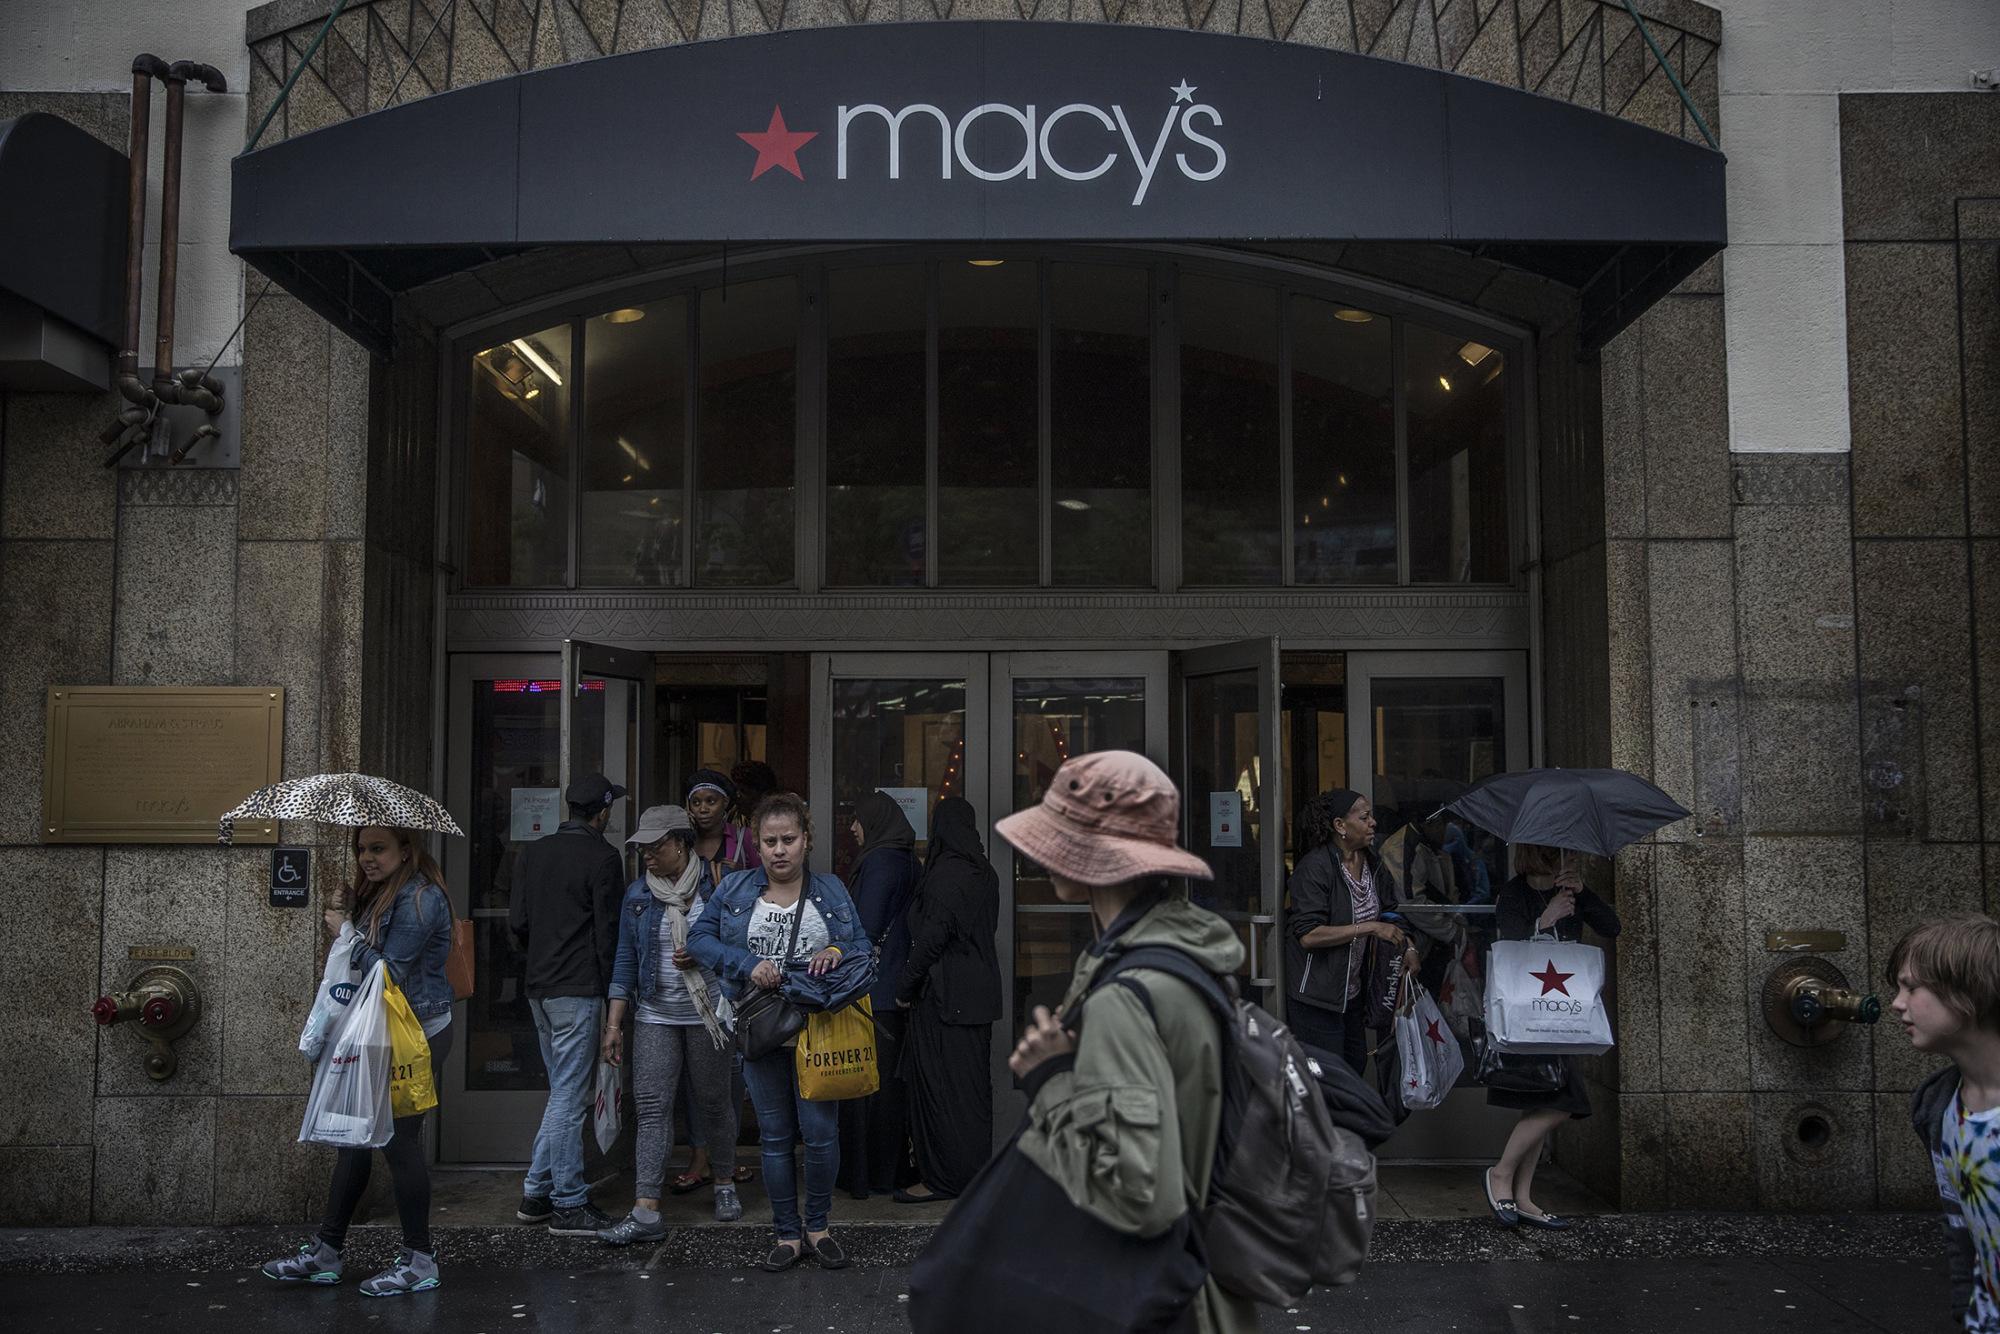 Retailers Stifle U.S. Stocks in Week as Growth Worries Mount - Bloomberg